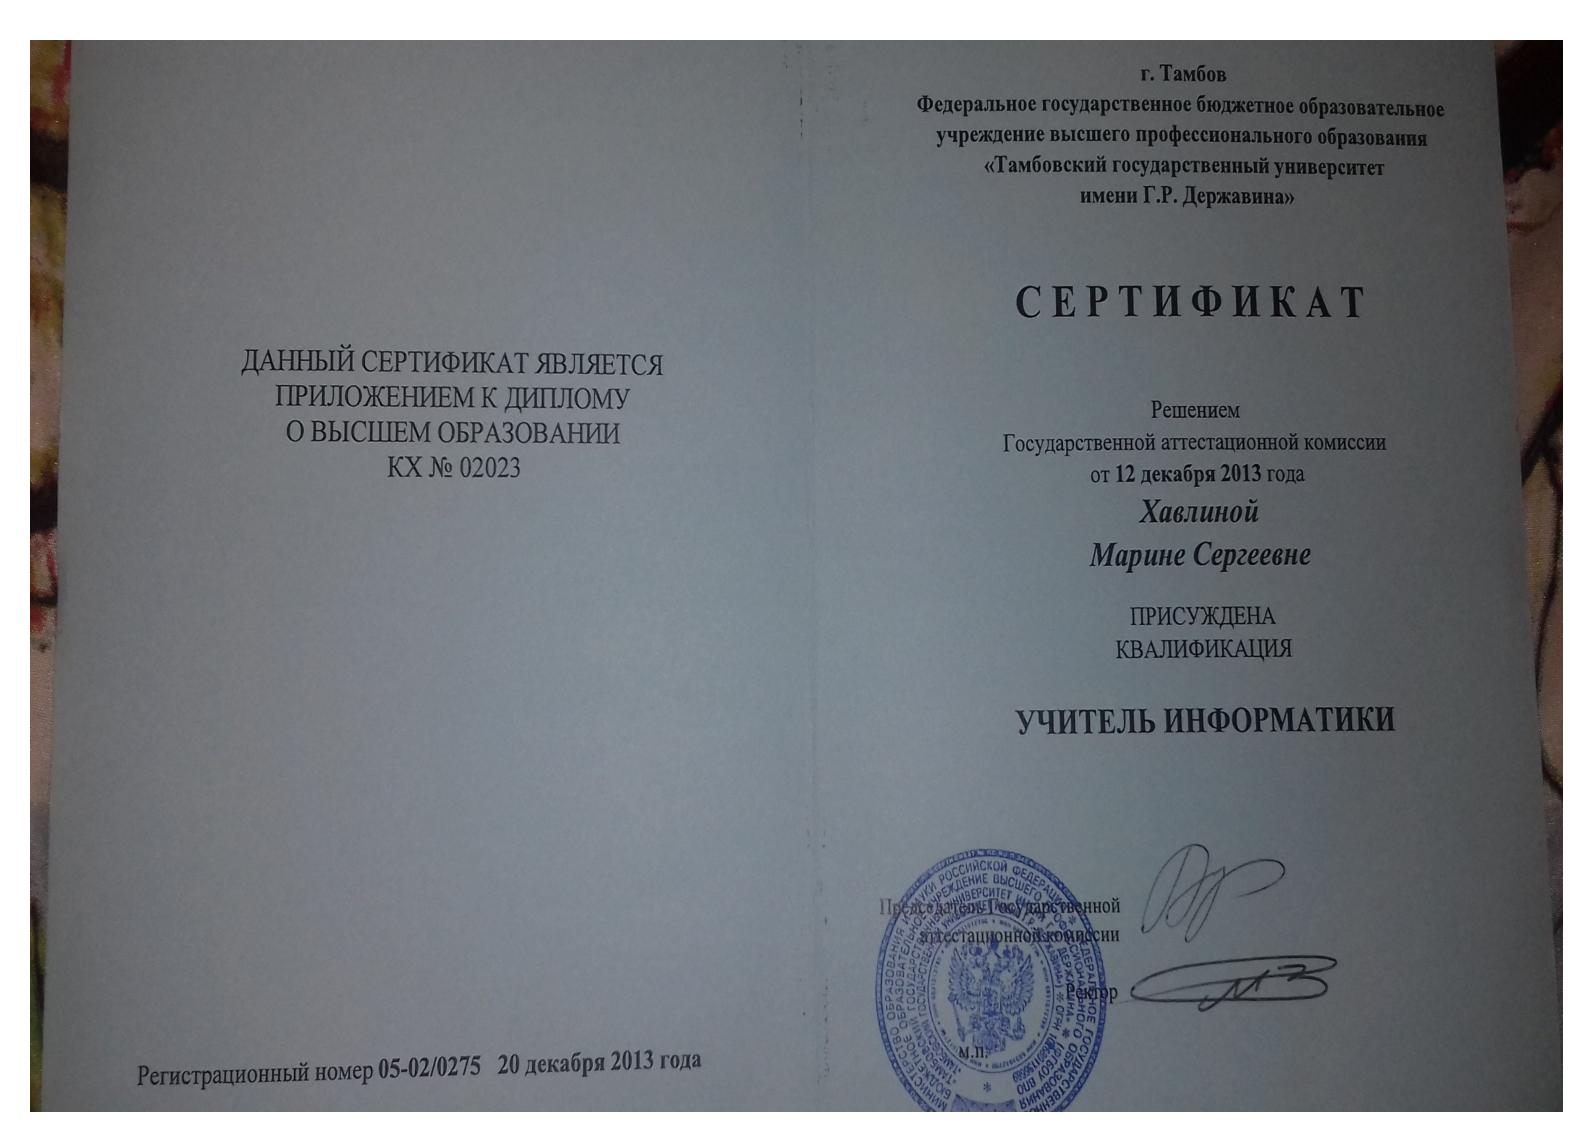 сертификат учитель информатики